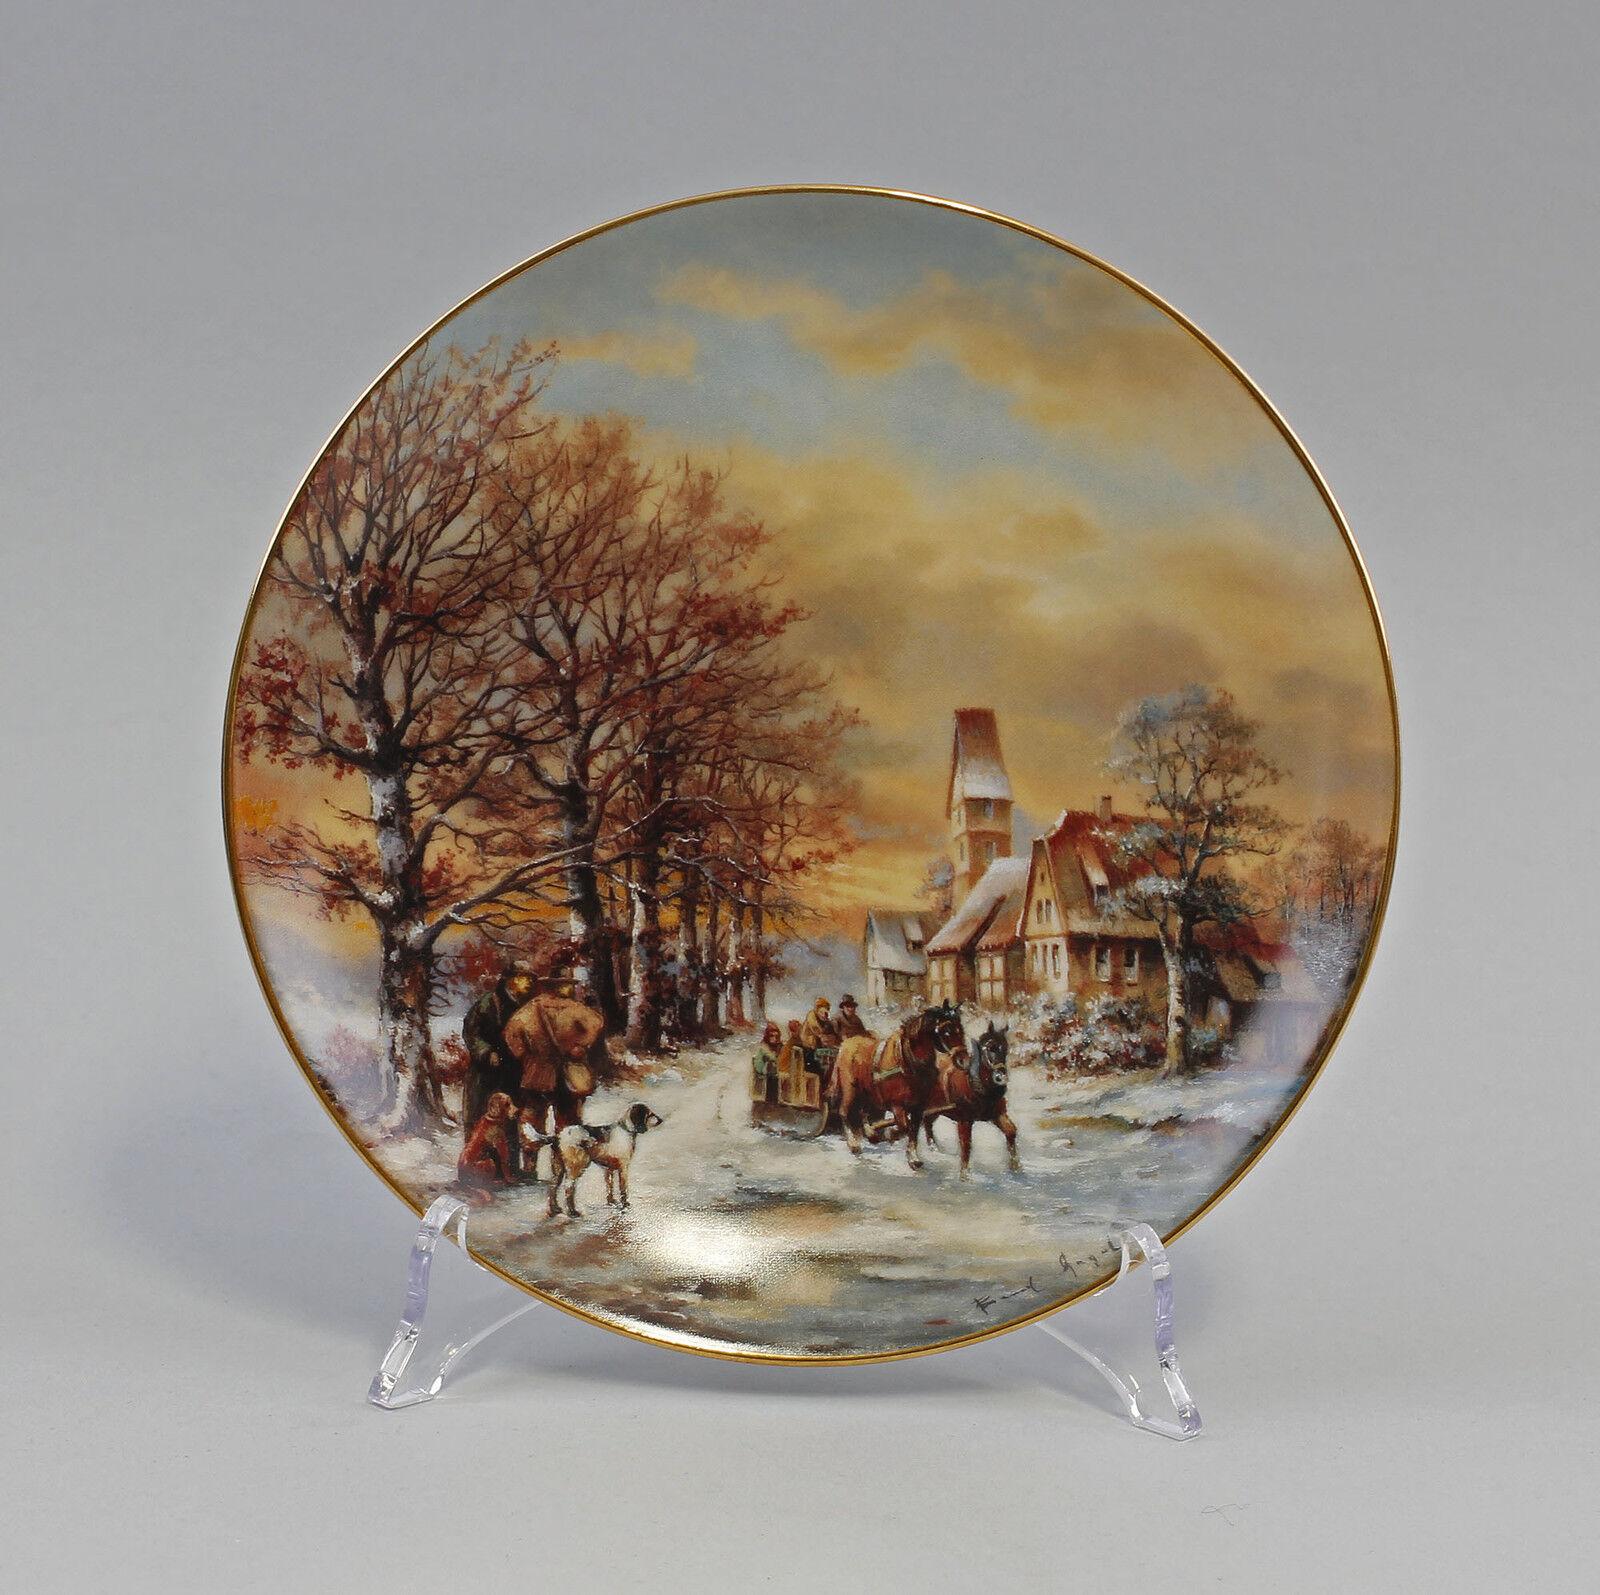 Sammelteller  Malerische Winterlandschaften  99840325 | Marke